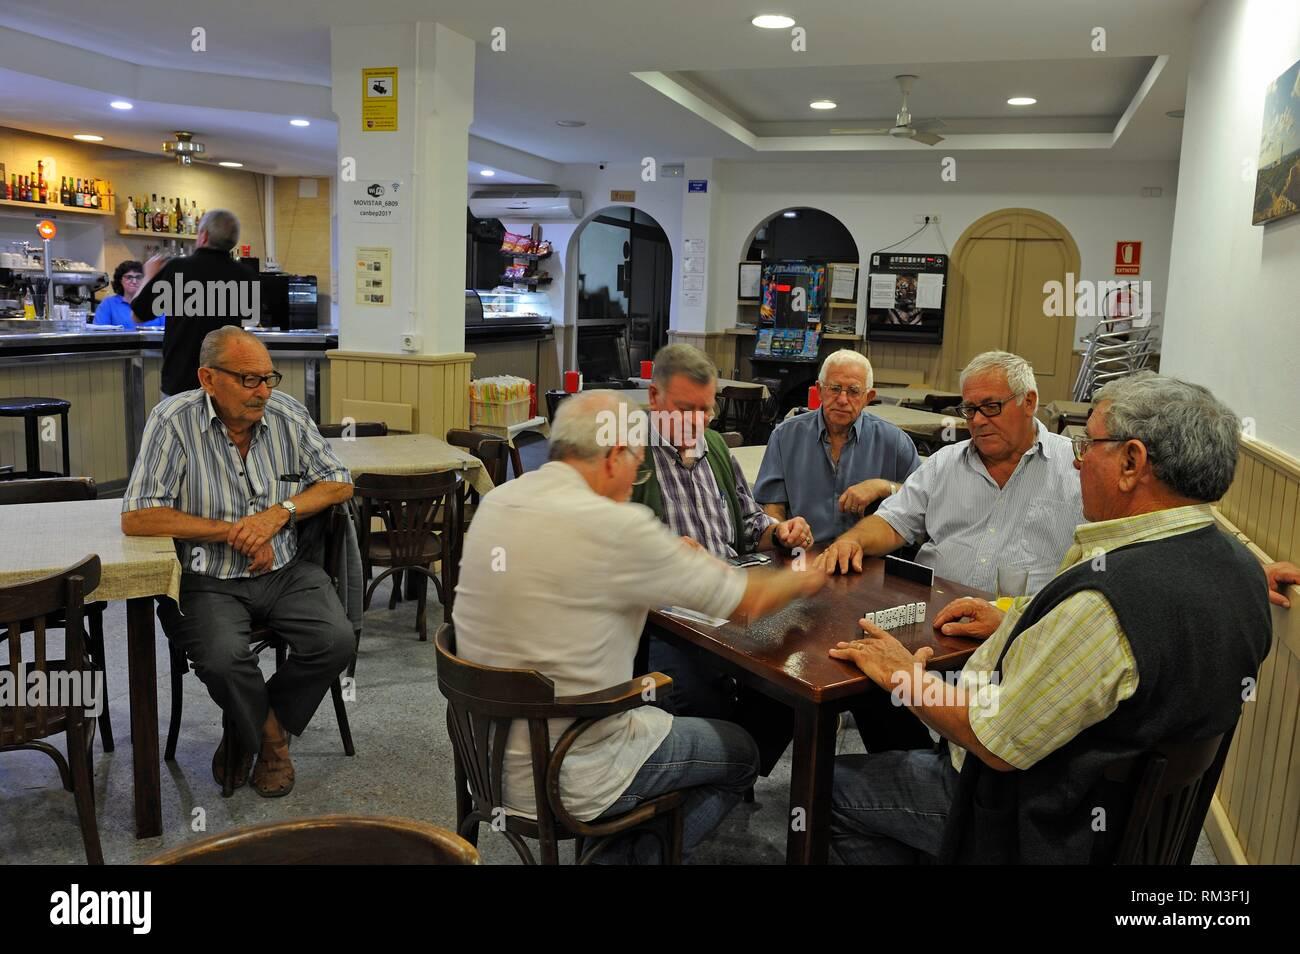 Gli uomini la riproduzione di gioco di domino a Ca'n Bep cafe nella città di Es Mercadal, Menorca, isole Baleari, Spagna, Europa. Immagini Stock